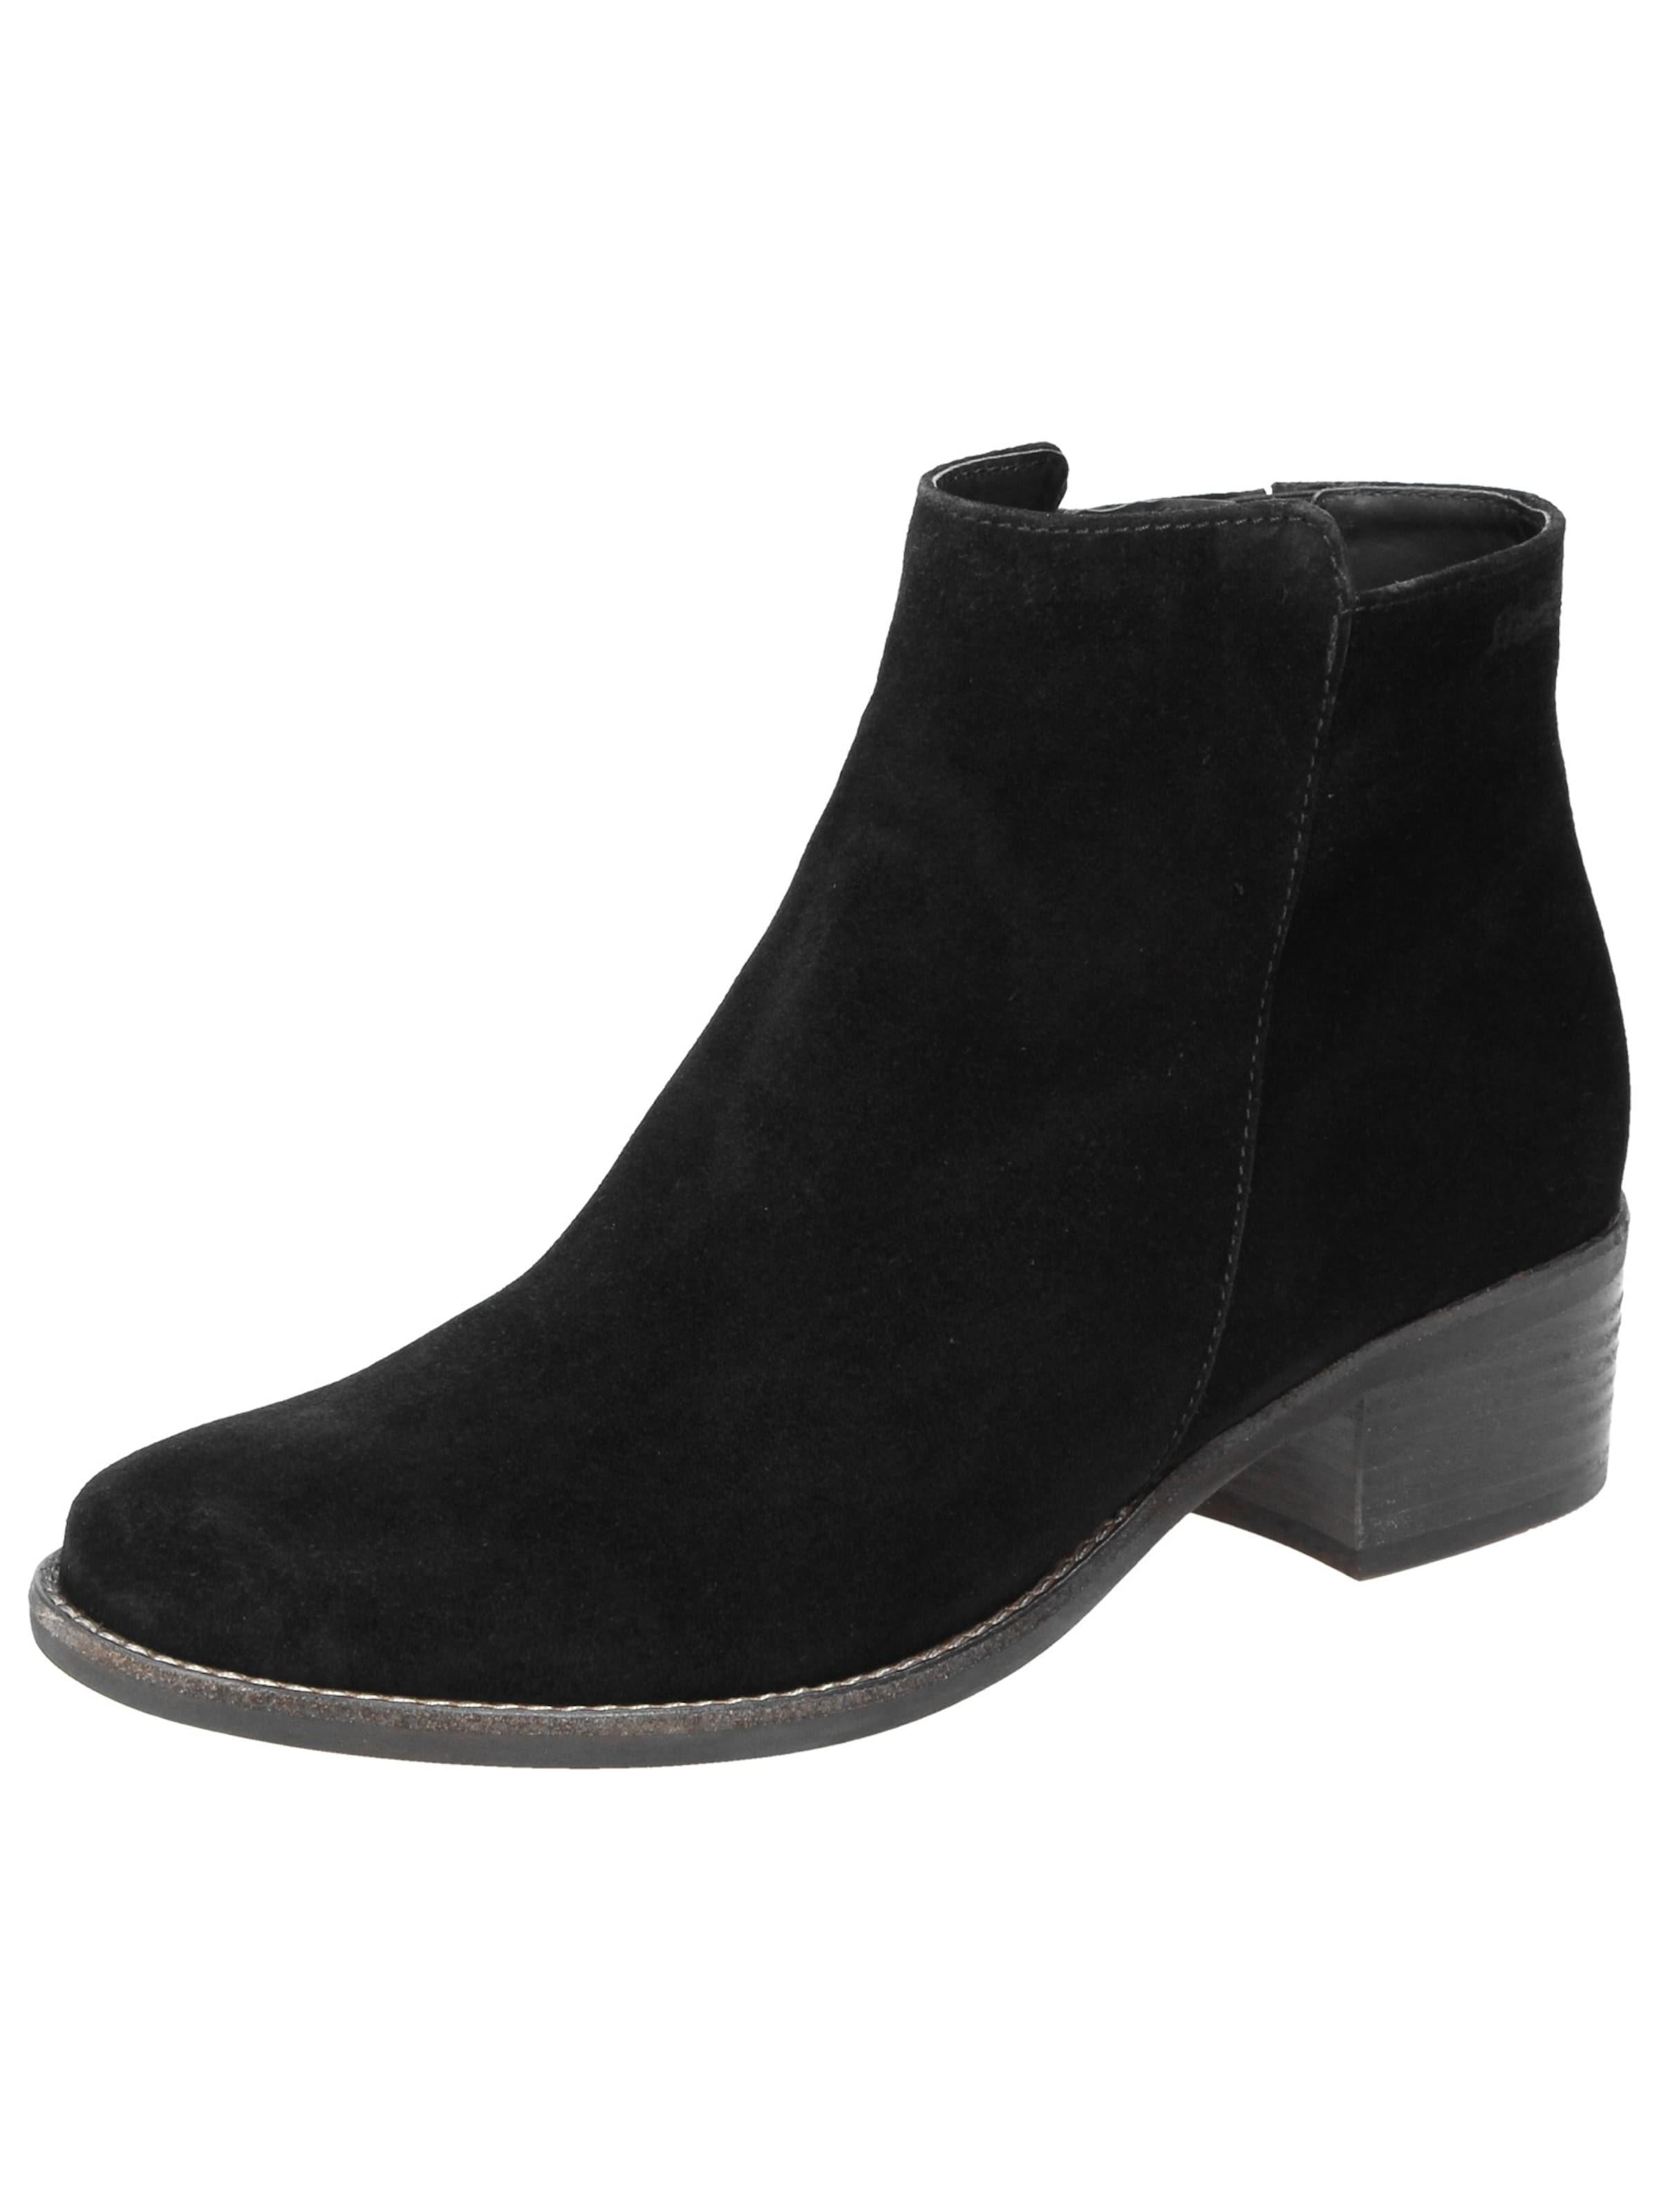 SIOUX Stiefelette Amantia Verschleißfeste billige Schuhe